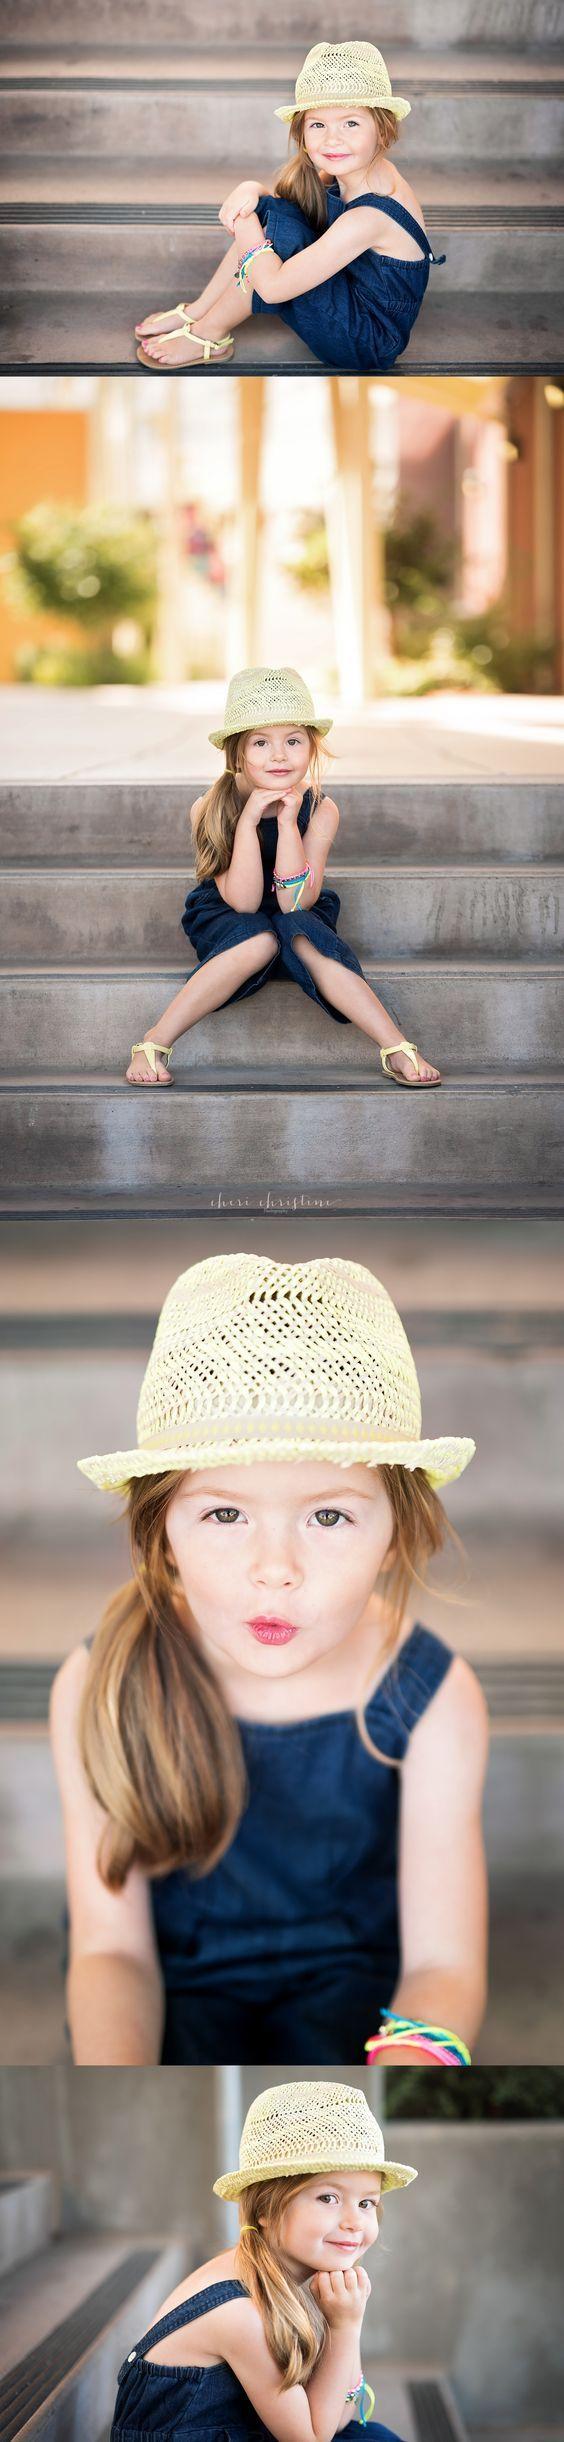 Urban Fotoshooting für 5 Jahre alten Meilenstein | Moos & Minze Fotografie | Rocklin, CA.